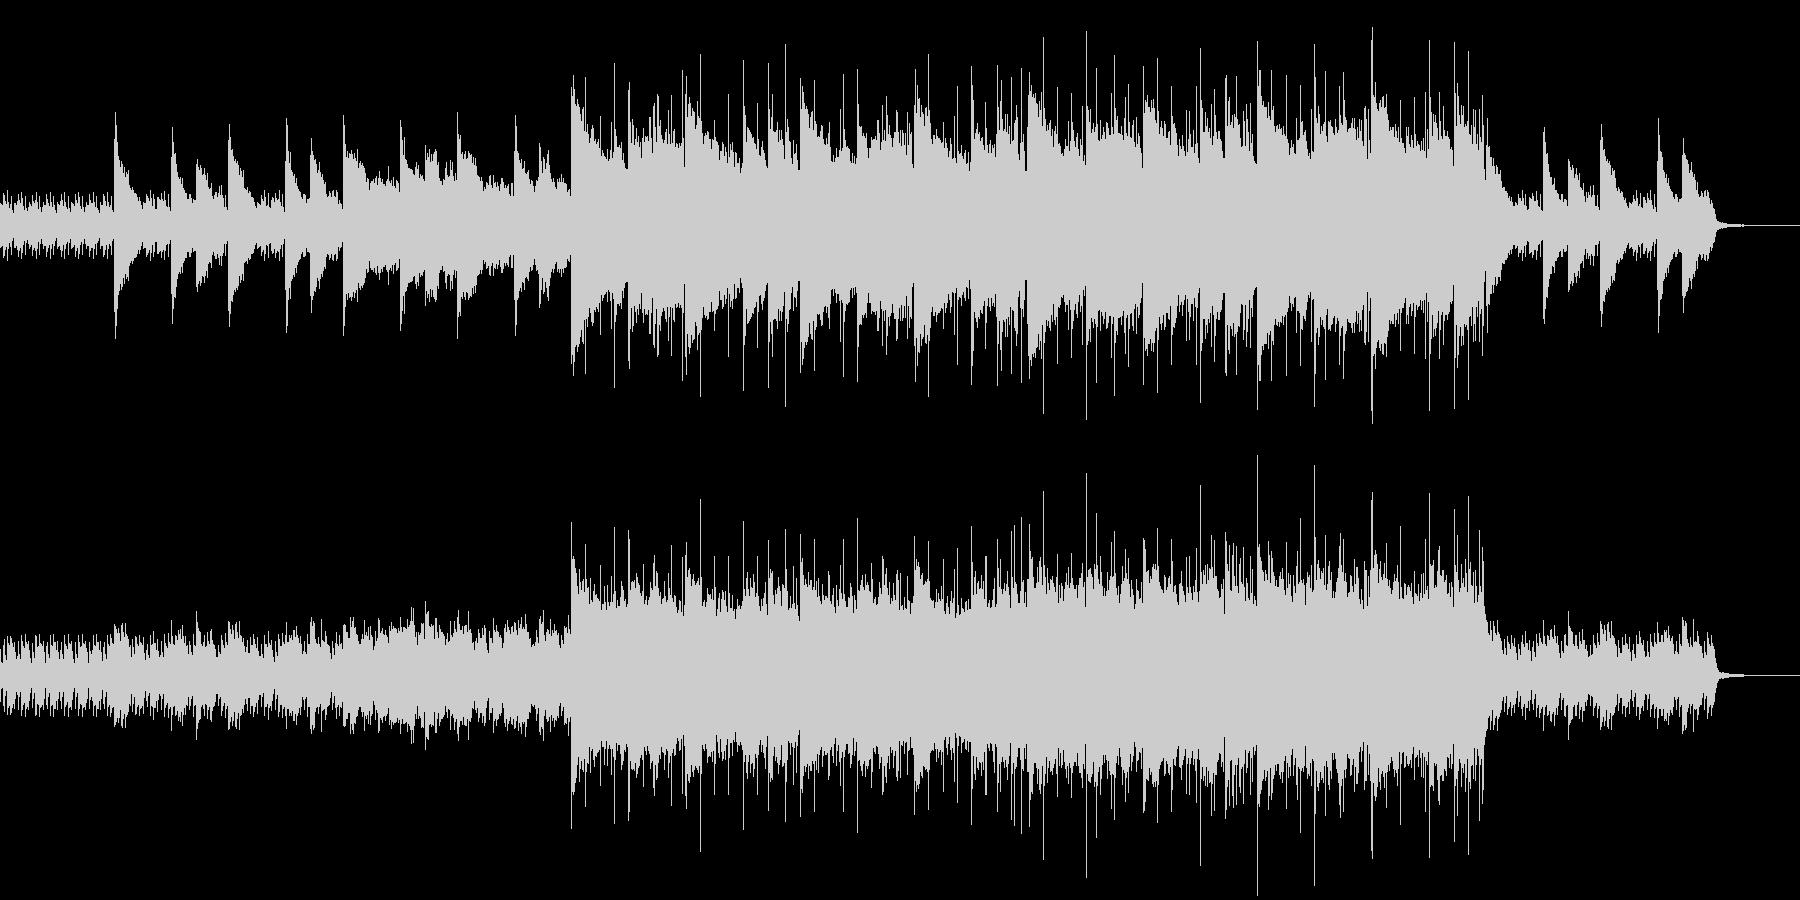 ピアノメインの感動的なロックの未再生の波形